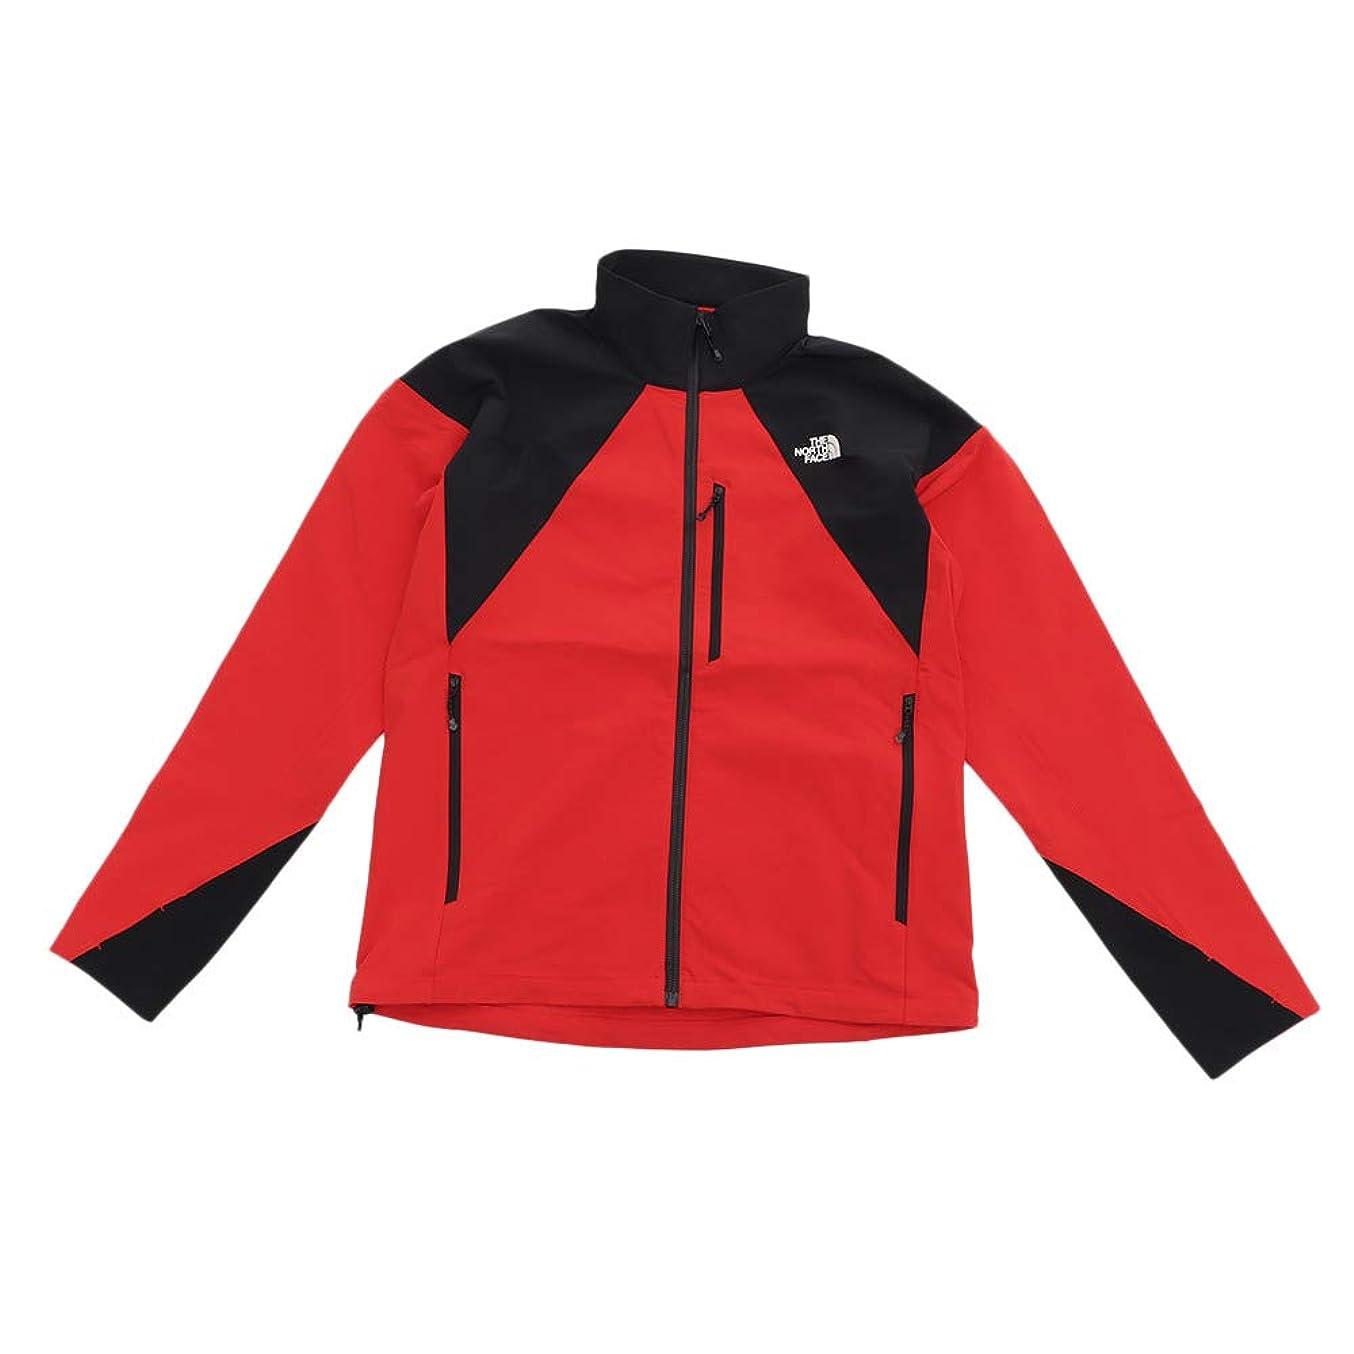 規範脱臼する通り抜ける[ザノースフェイス] ジャケット ハンマーヘッドジャケット メンズ NP21903